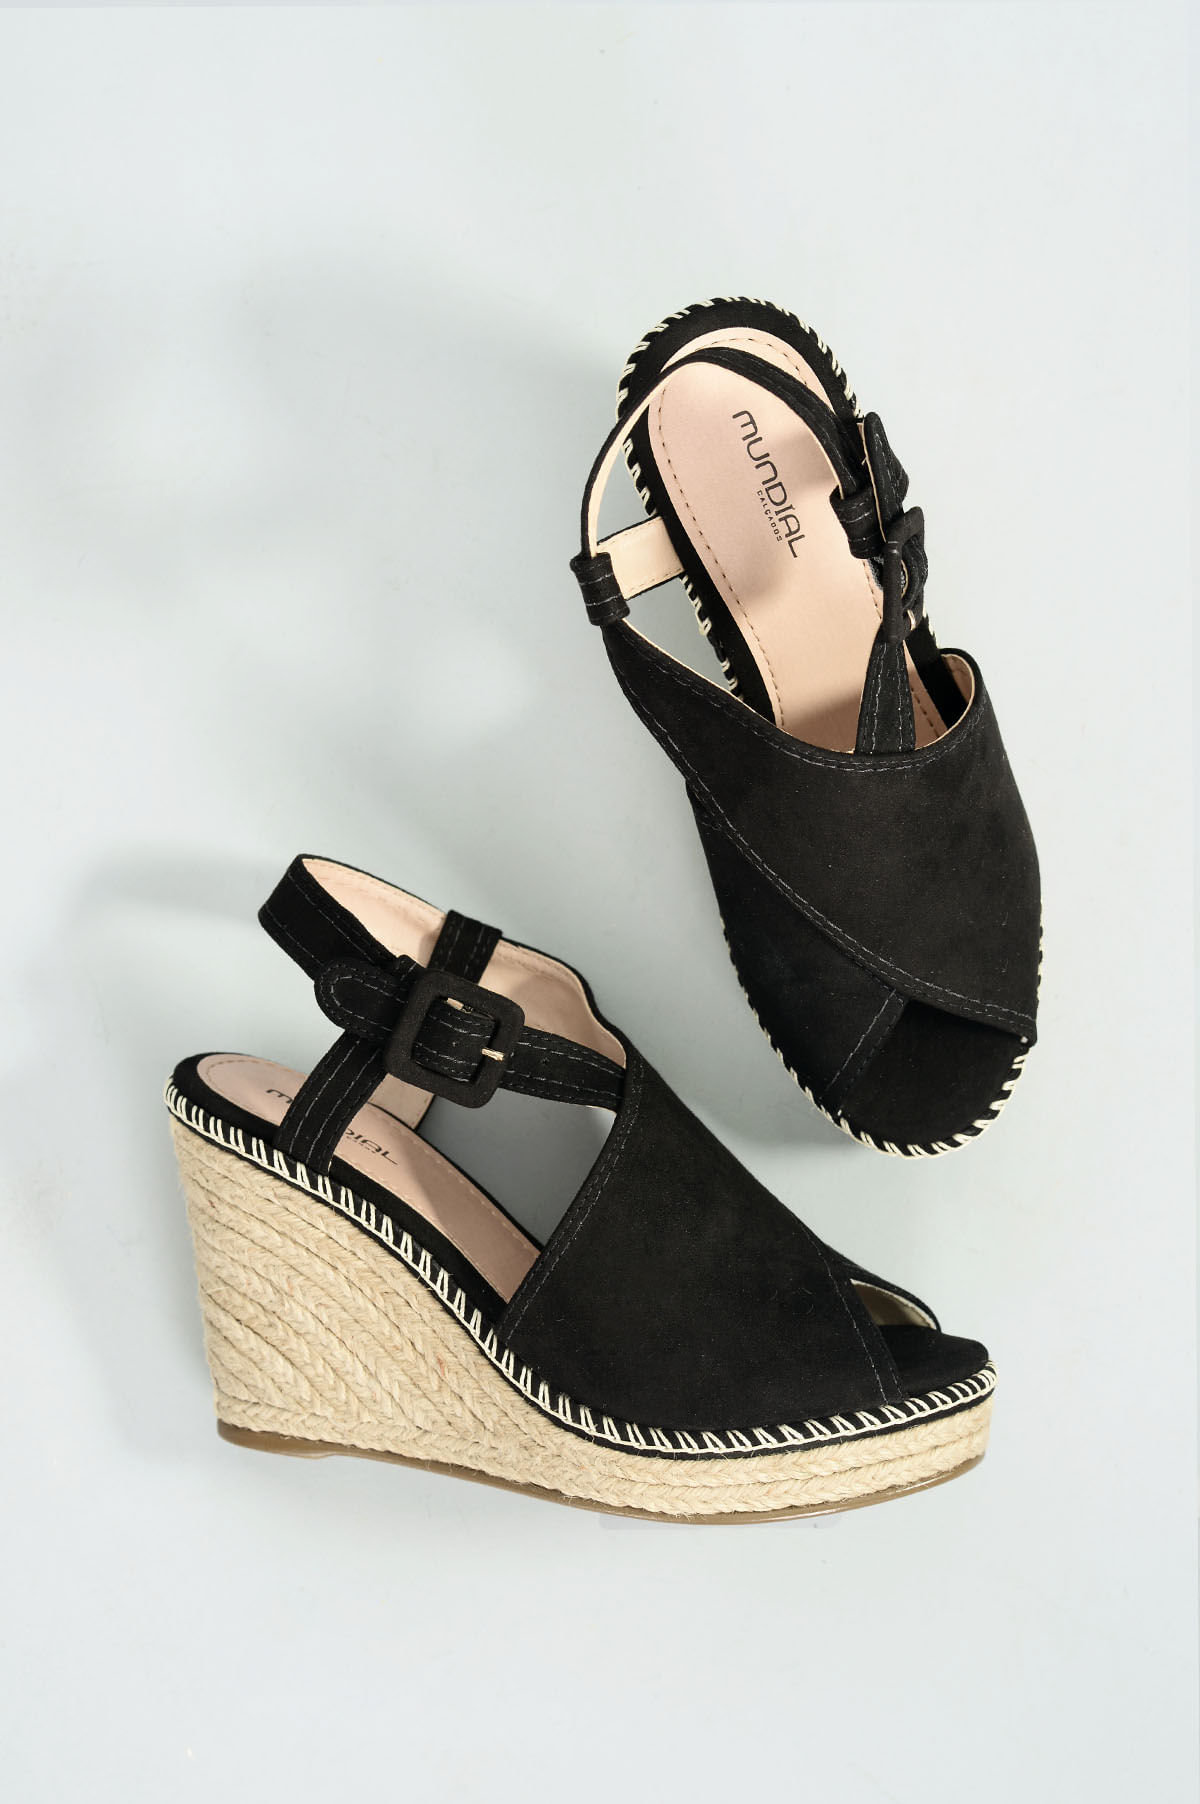 6049ad7af Sandália Feminina Anabela Katia Mundial CAM - PRETO - Mundial Calçados